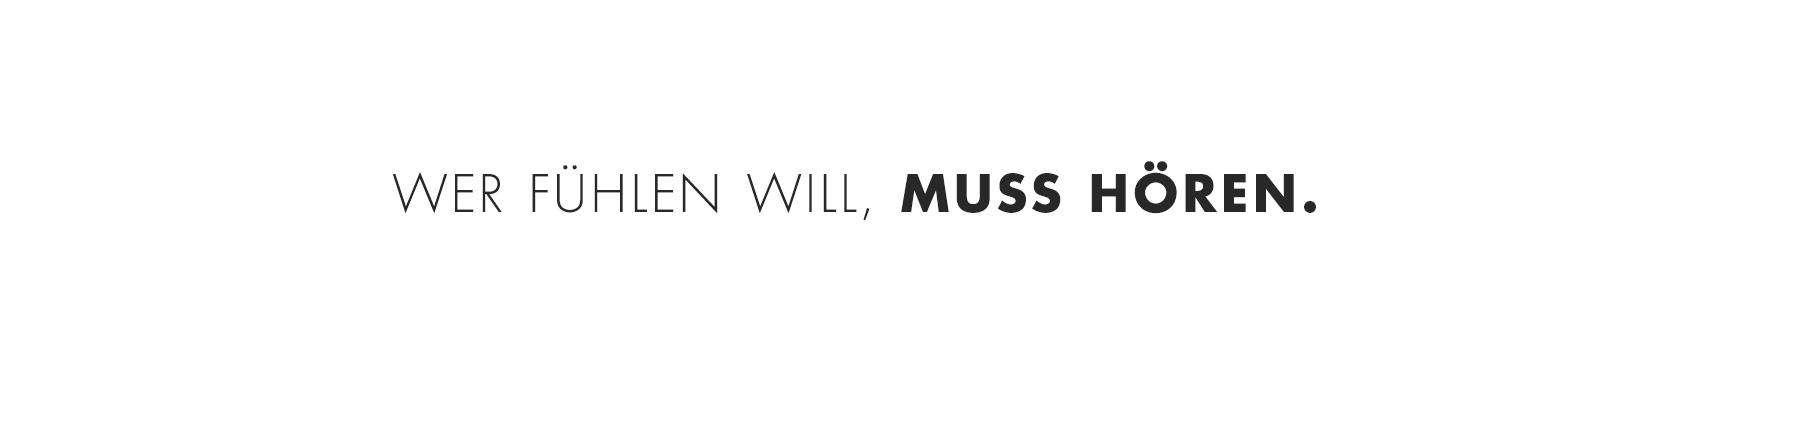 Headline von Benchmark Design Agentur München